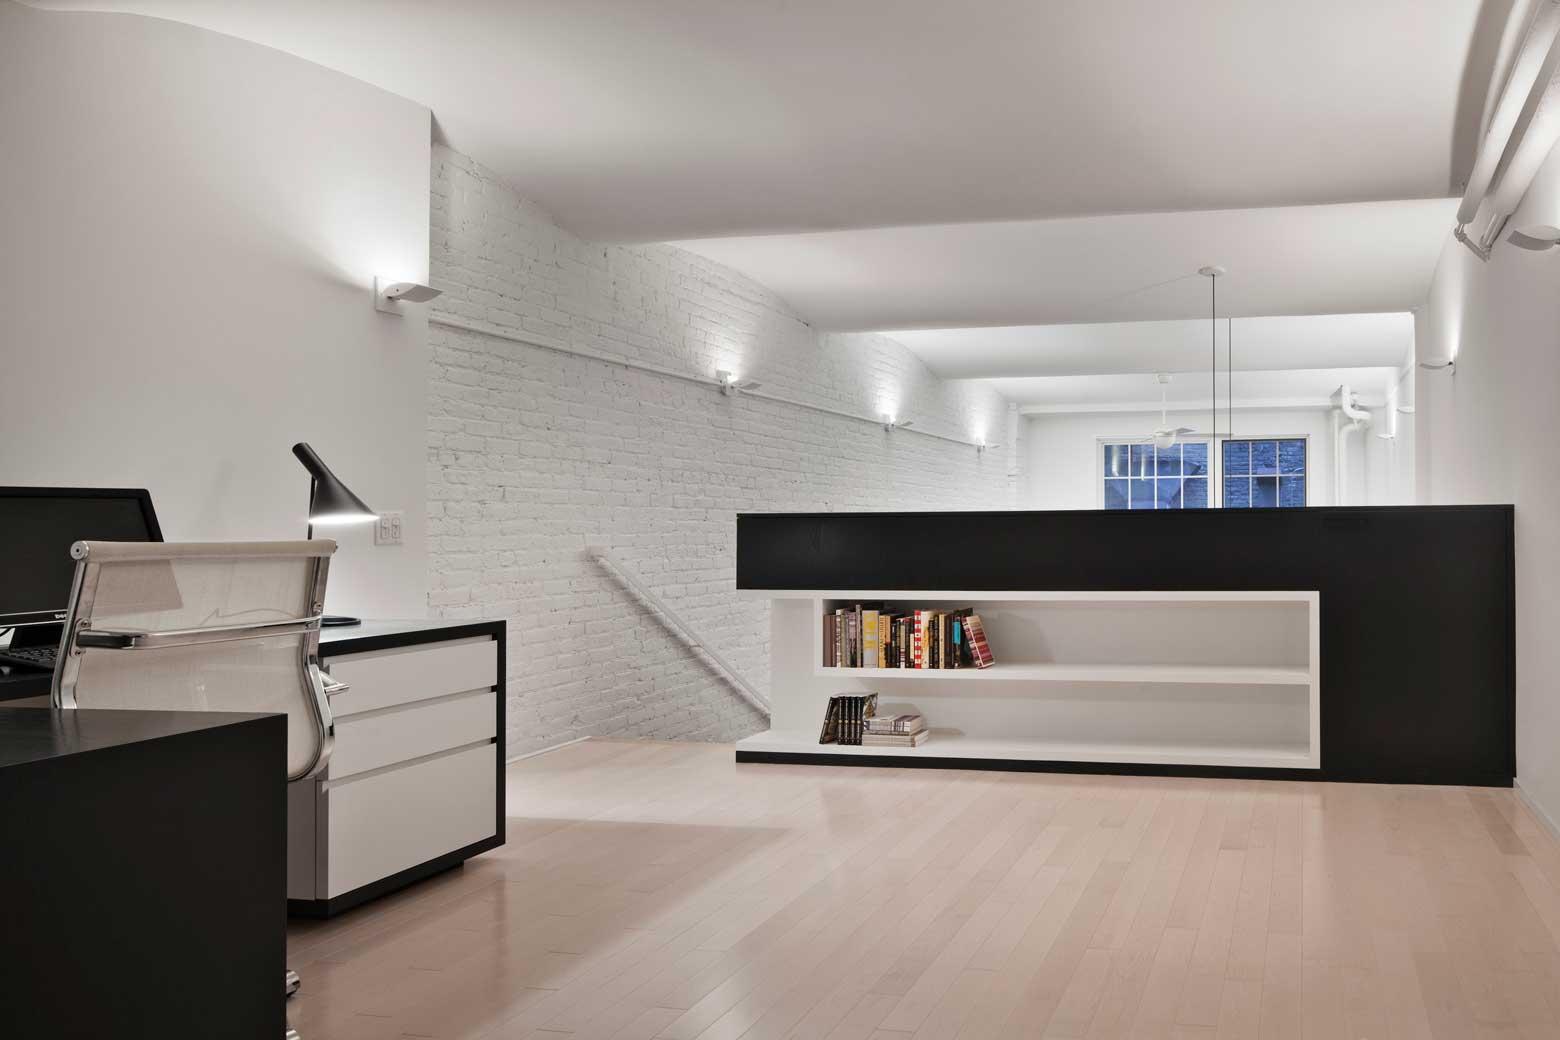 Diseno de dormitorios pequenos dise os arquitect nicos for Diseno de interiores dormitorios